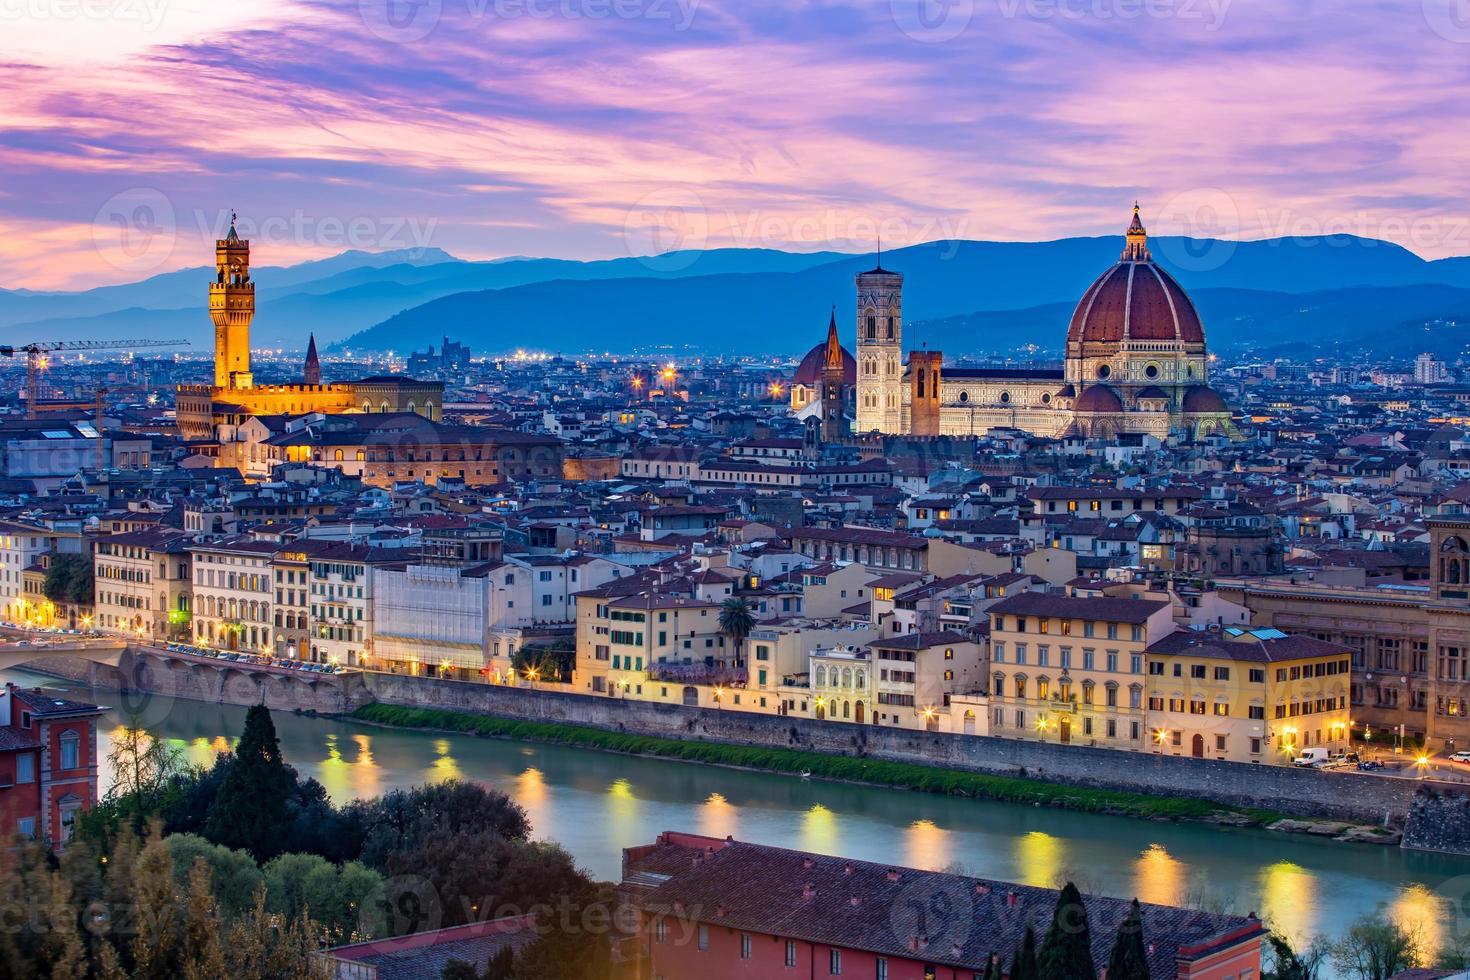 firenze paesaggio urbano in toscana, italia foto